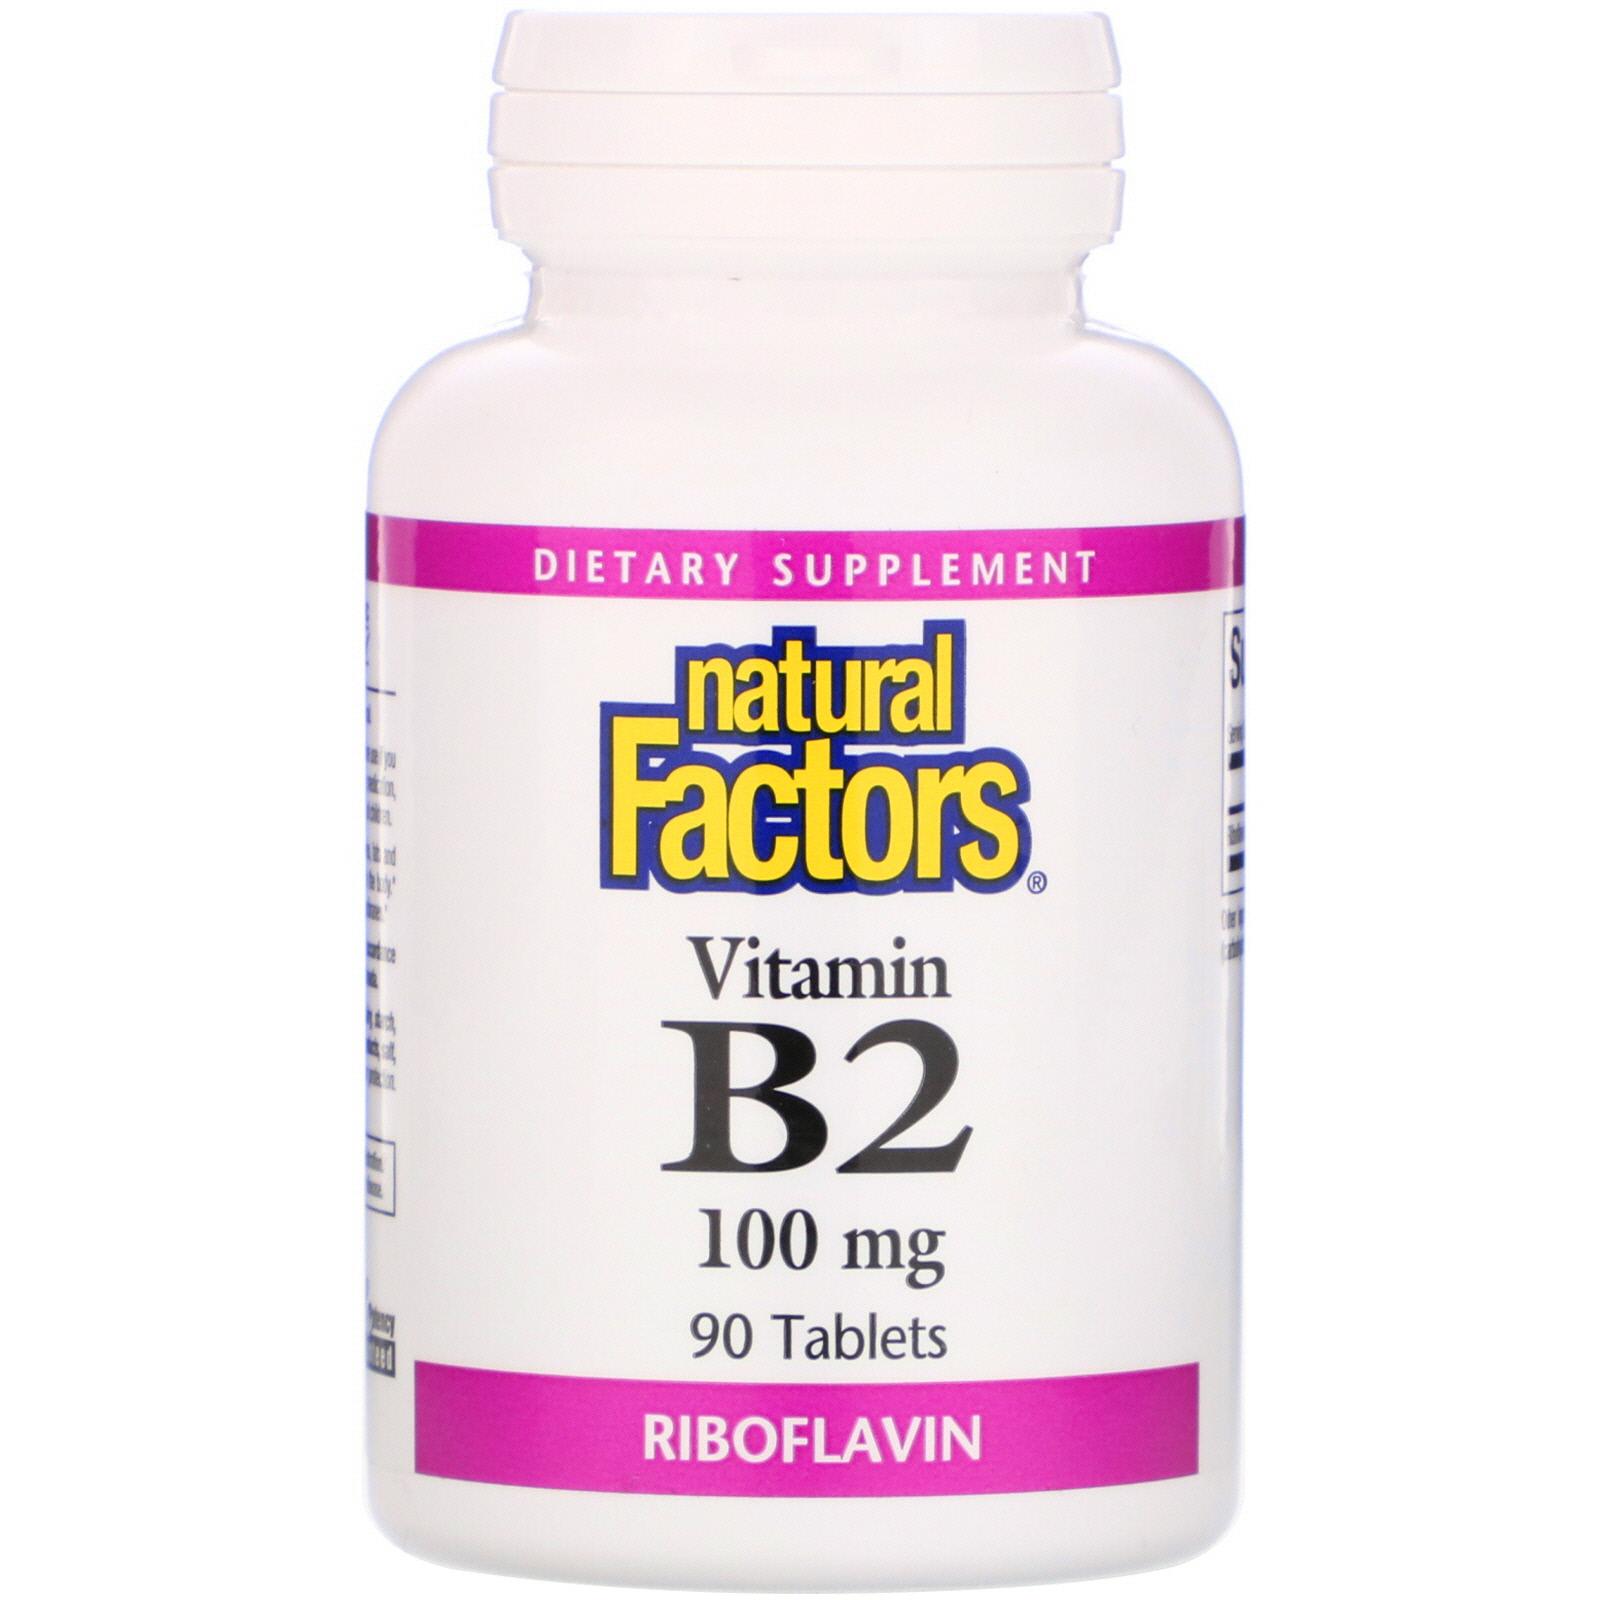 Natural Factors, Vitamin B2 Riboflavin, 100 mg, 90 Tablets